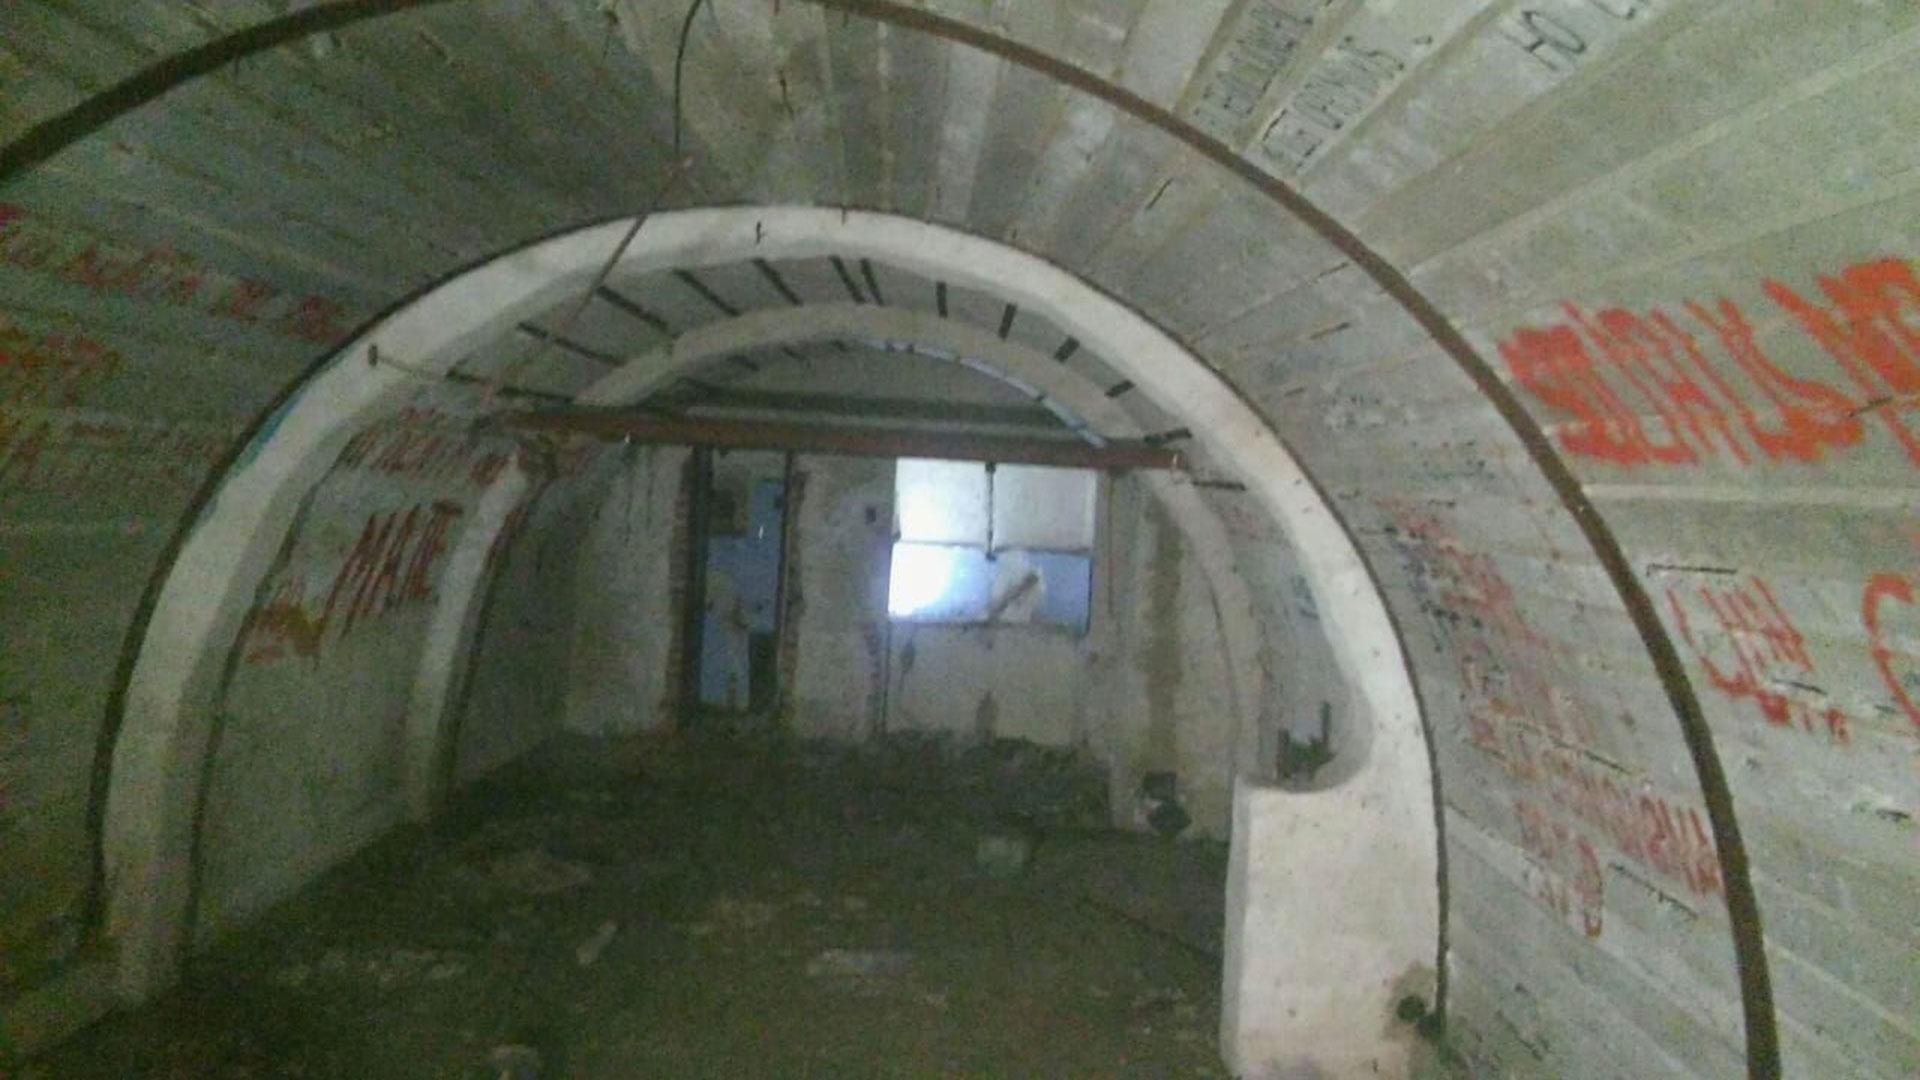 En la casa se habían construido dos subsuelos, a 4 y 10 metros de profundidad, a los que se accedía por un montacargas oculto y una escalera secreta